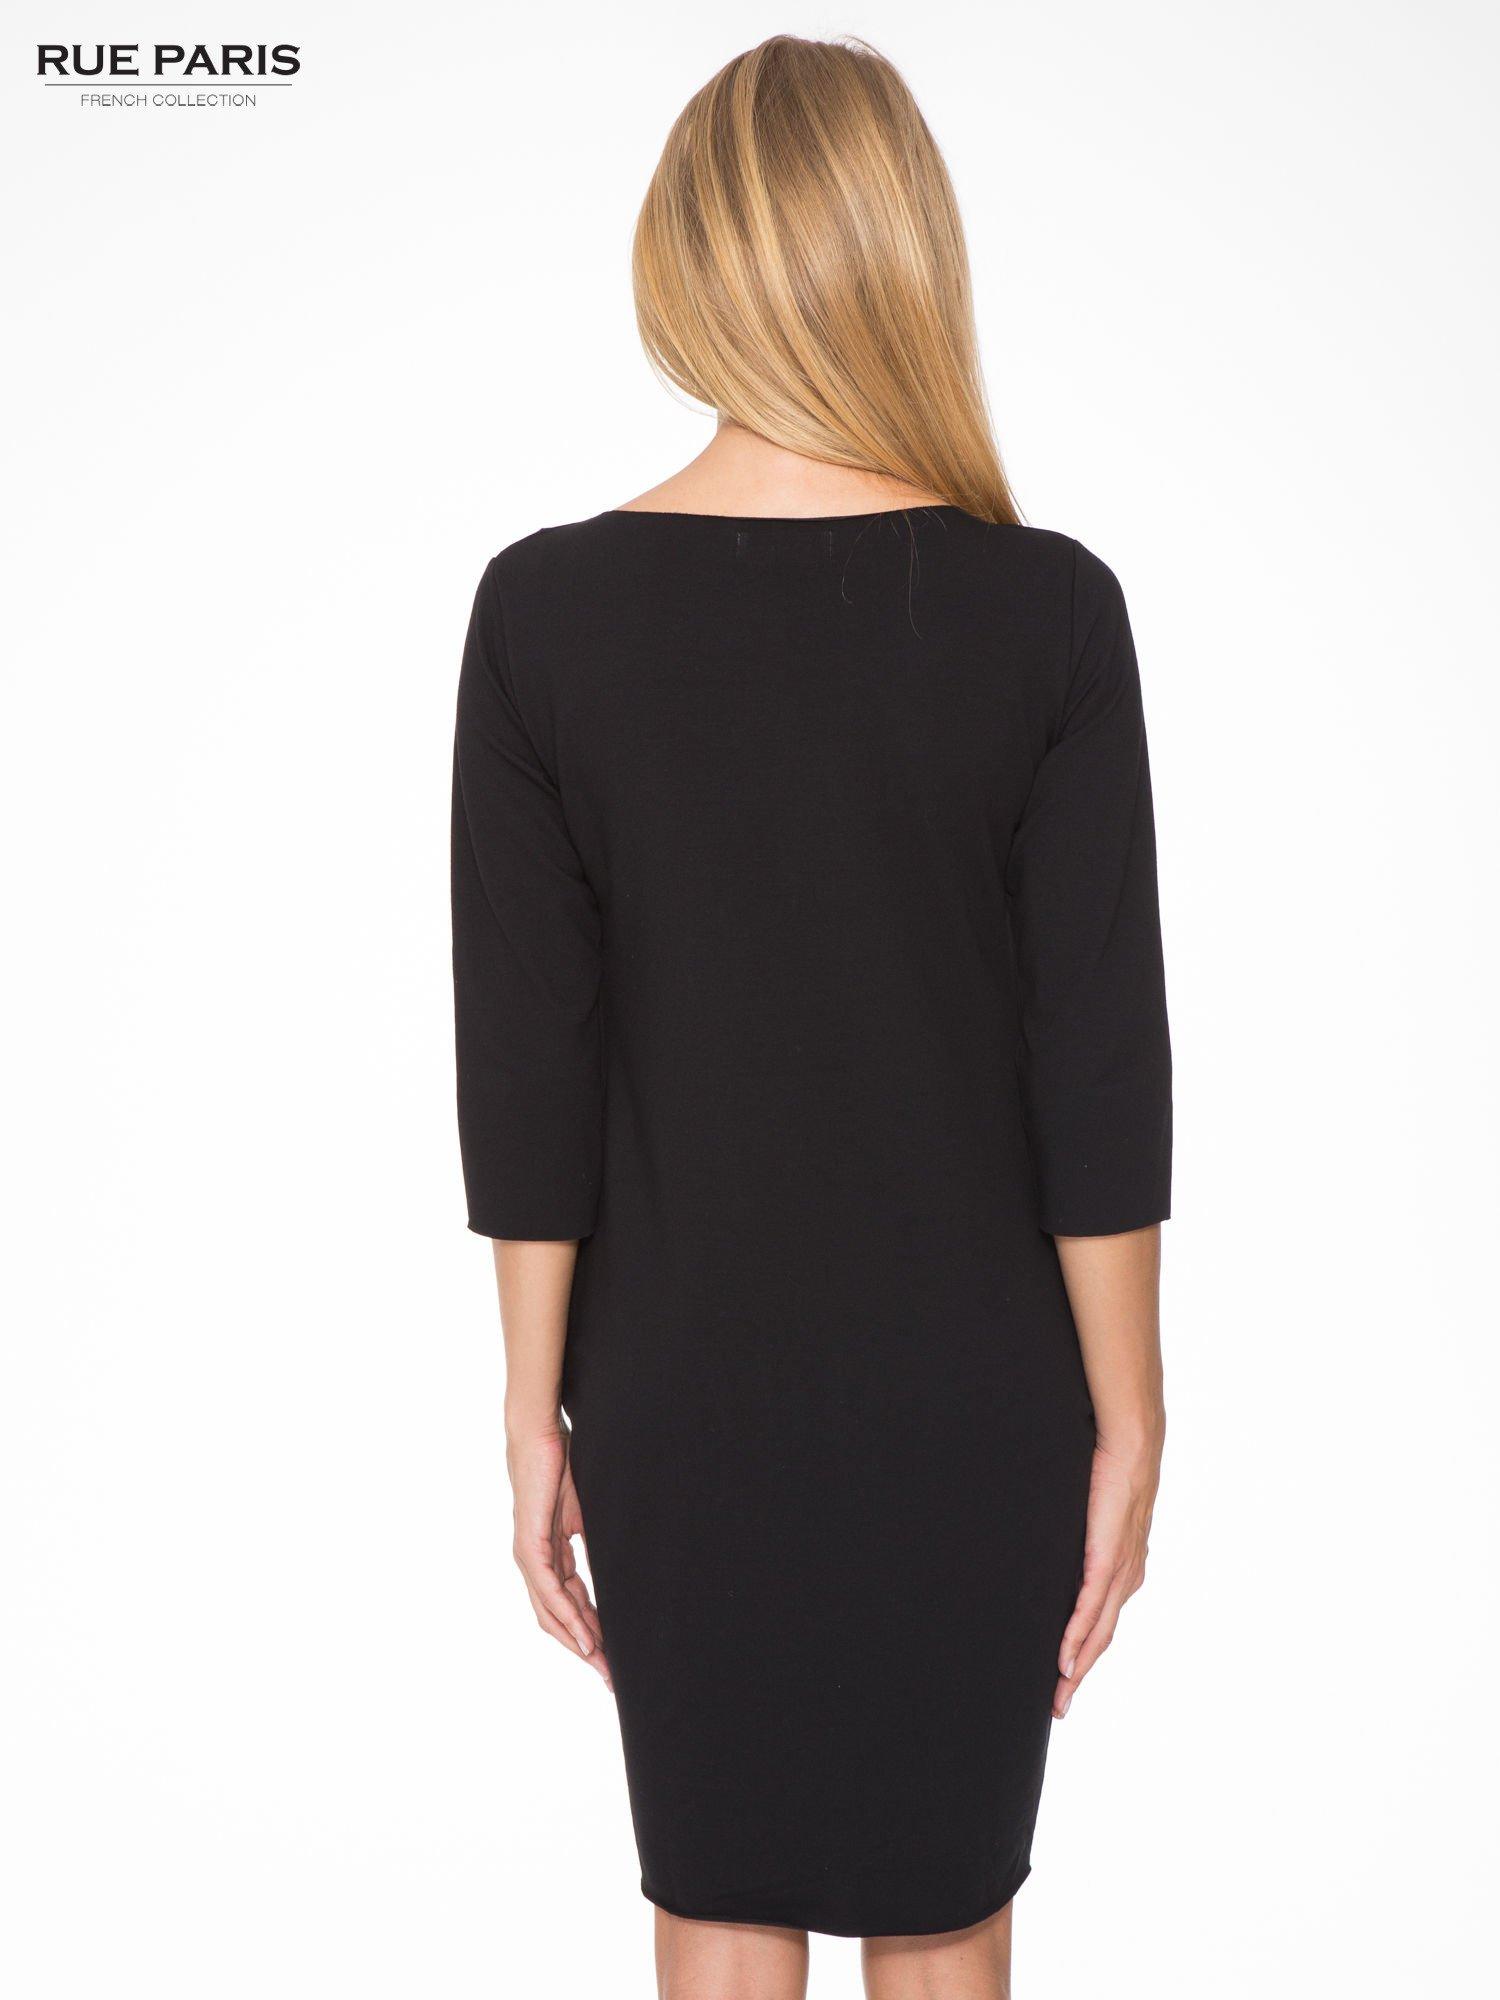 Czarna prosta sukienka z surowym wykończeniem i kieszeniami                                  zdj.                                  4